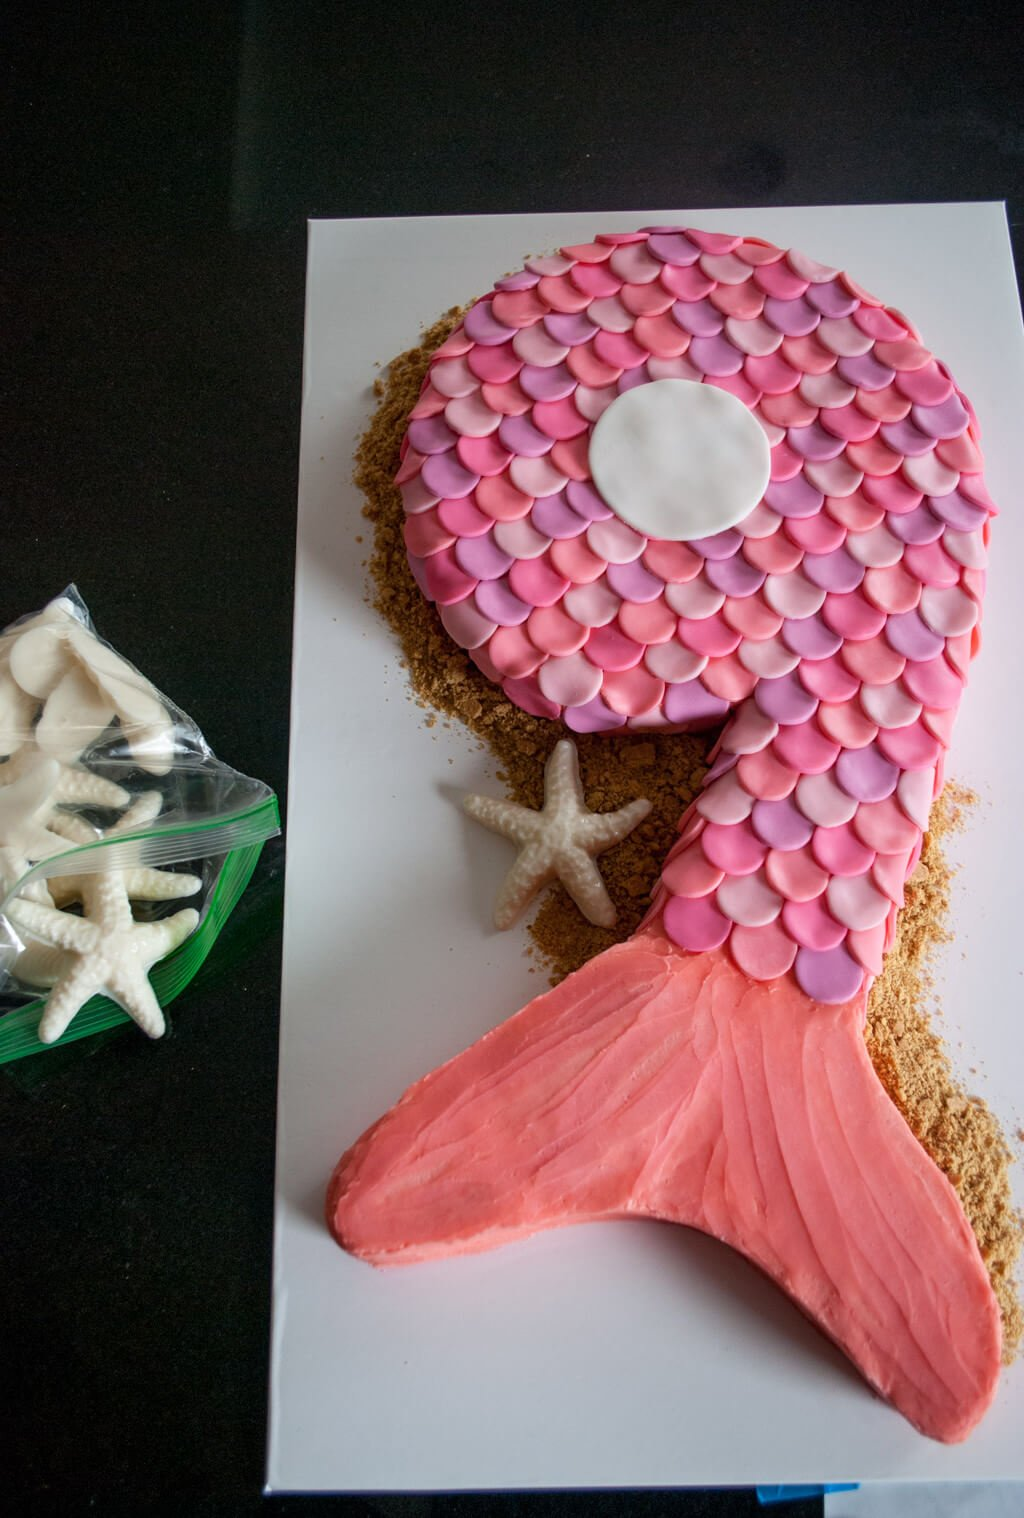 Ausgefallene Kuchen für Kindergeburtstag - Geburtstagstorte Meerjungfrau selber machen